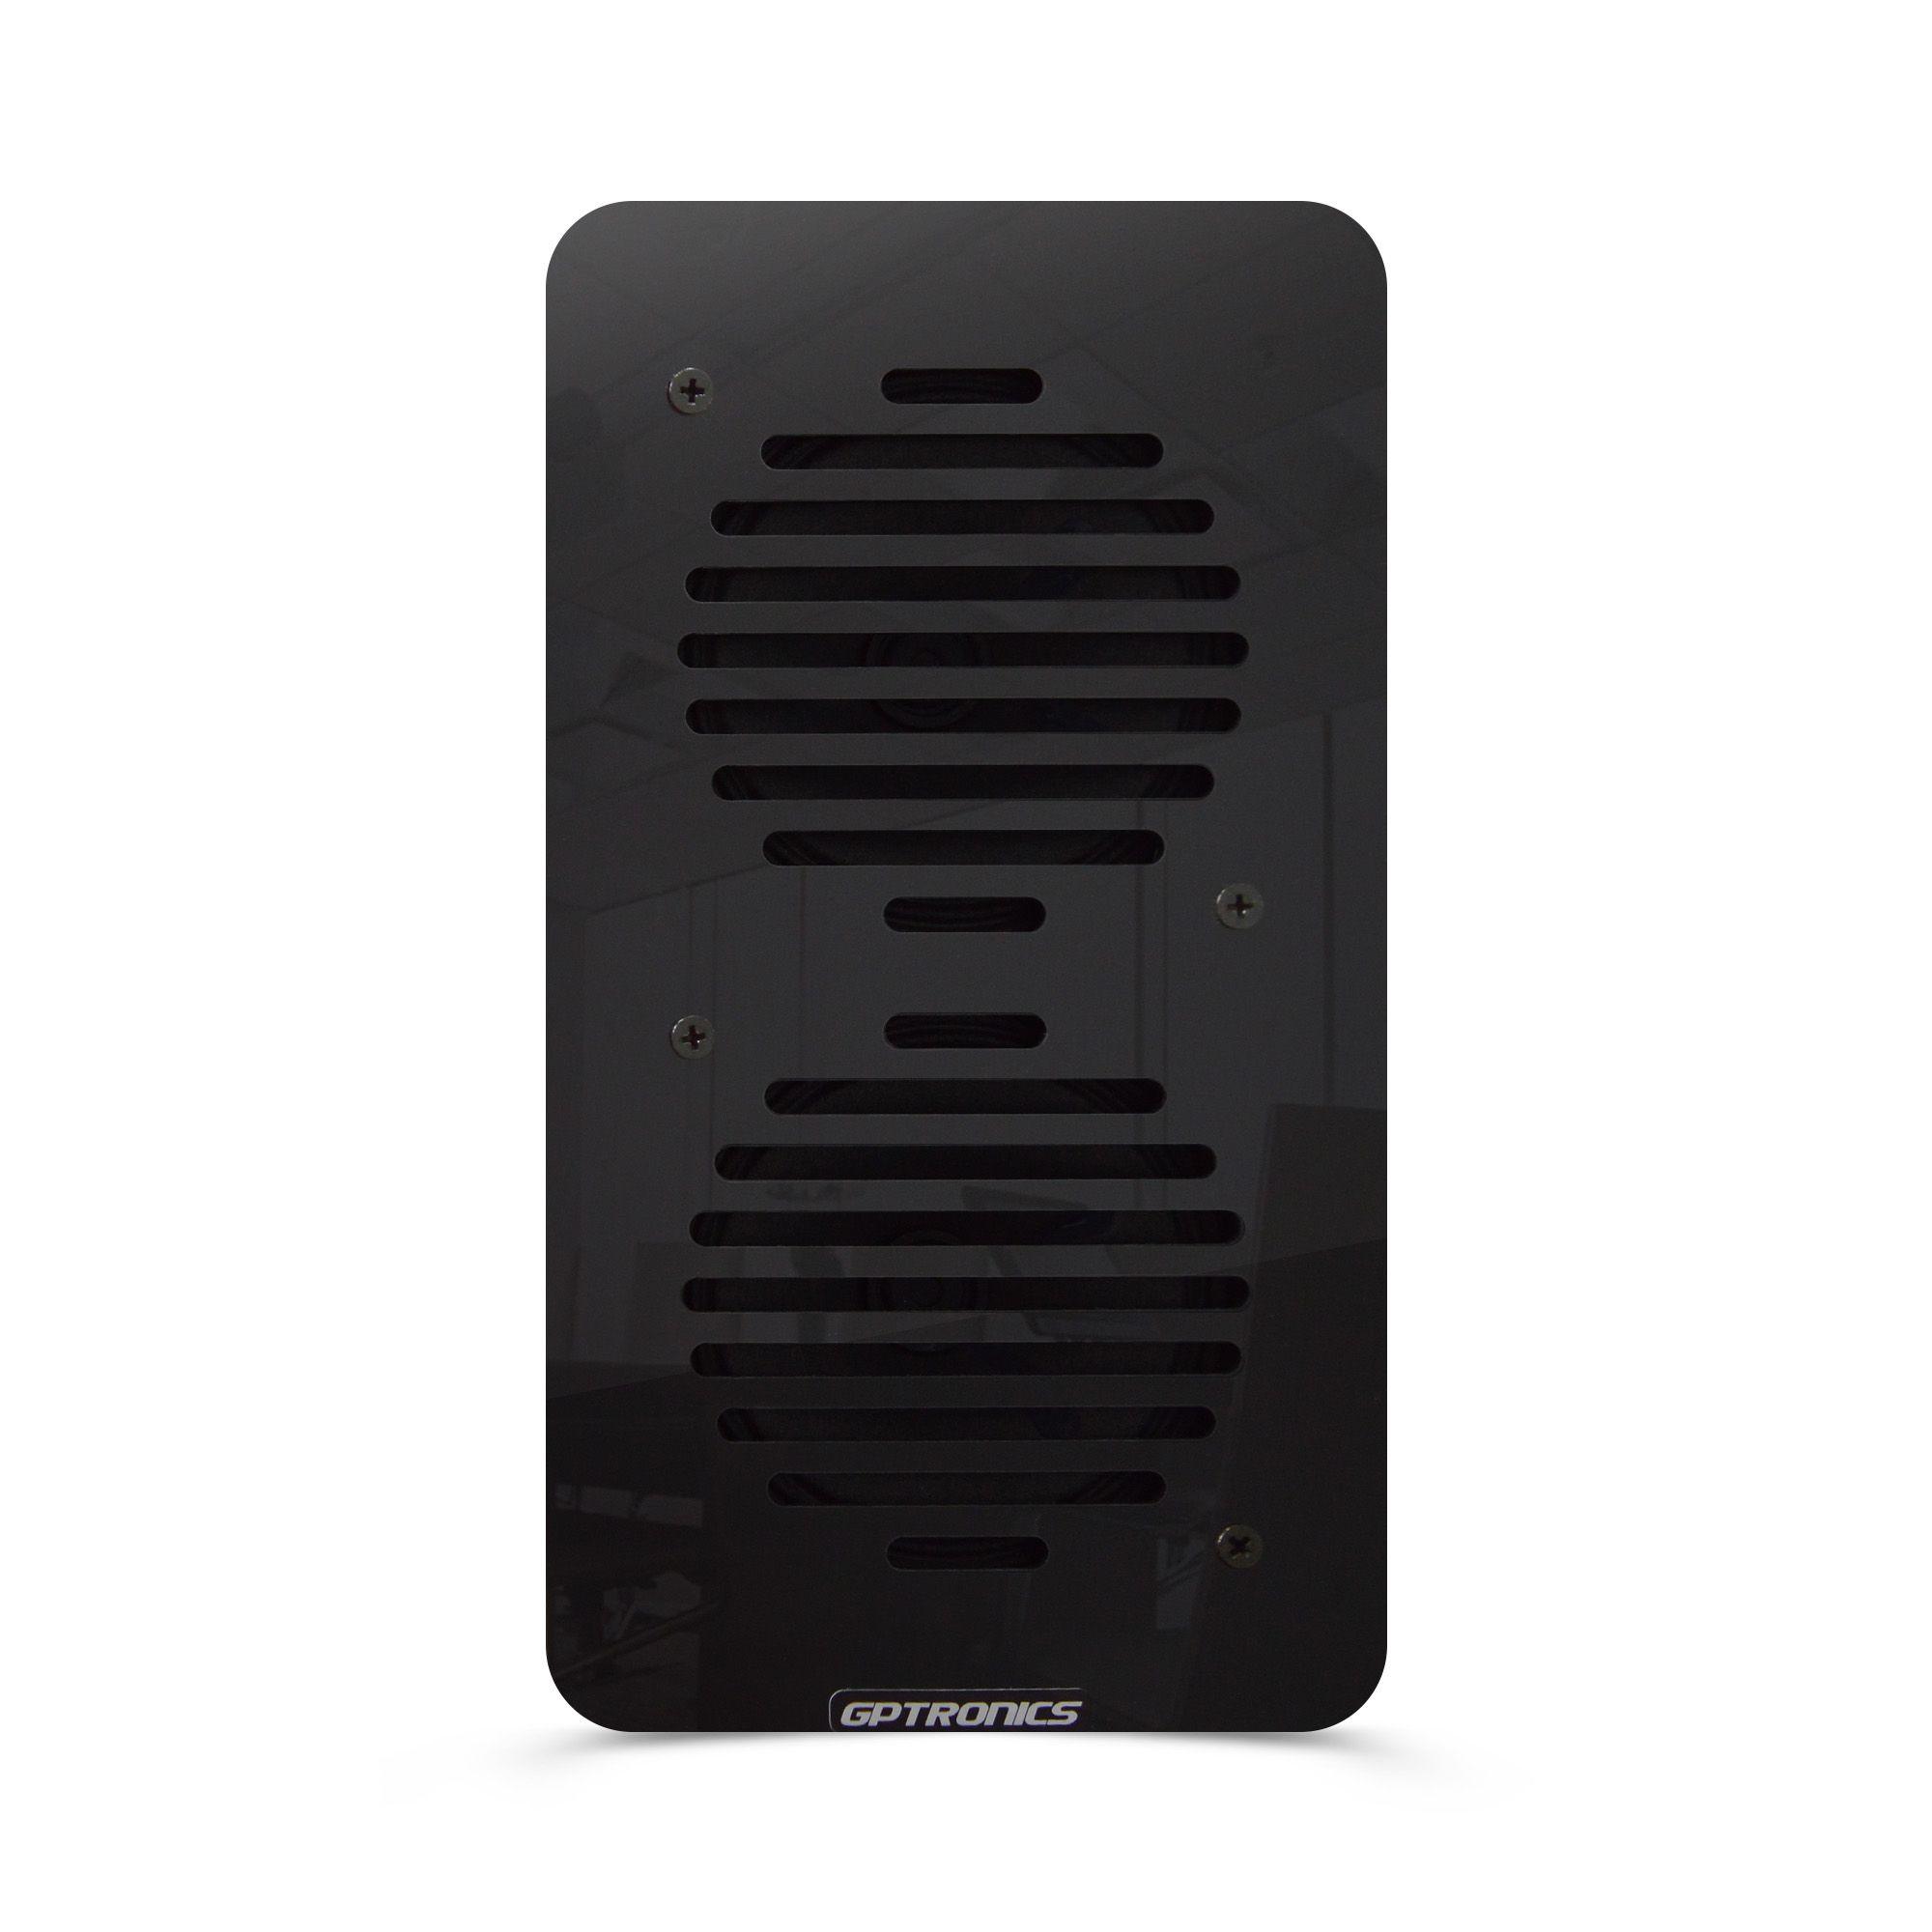 Fala Senha Vox One - Caixa de Som com voz para chamada de senhas - 10,5x19 cm